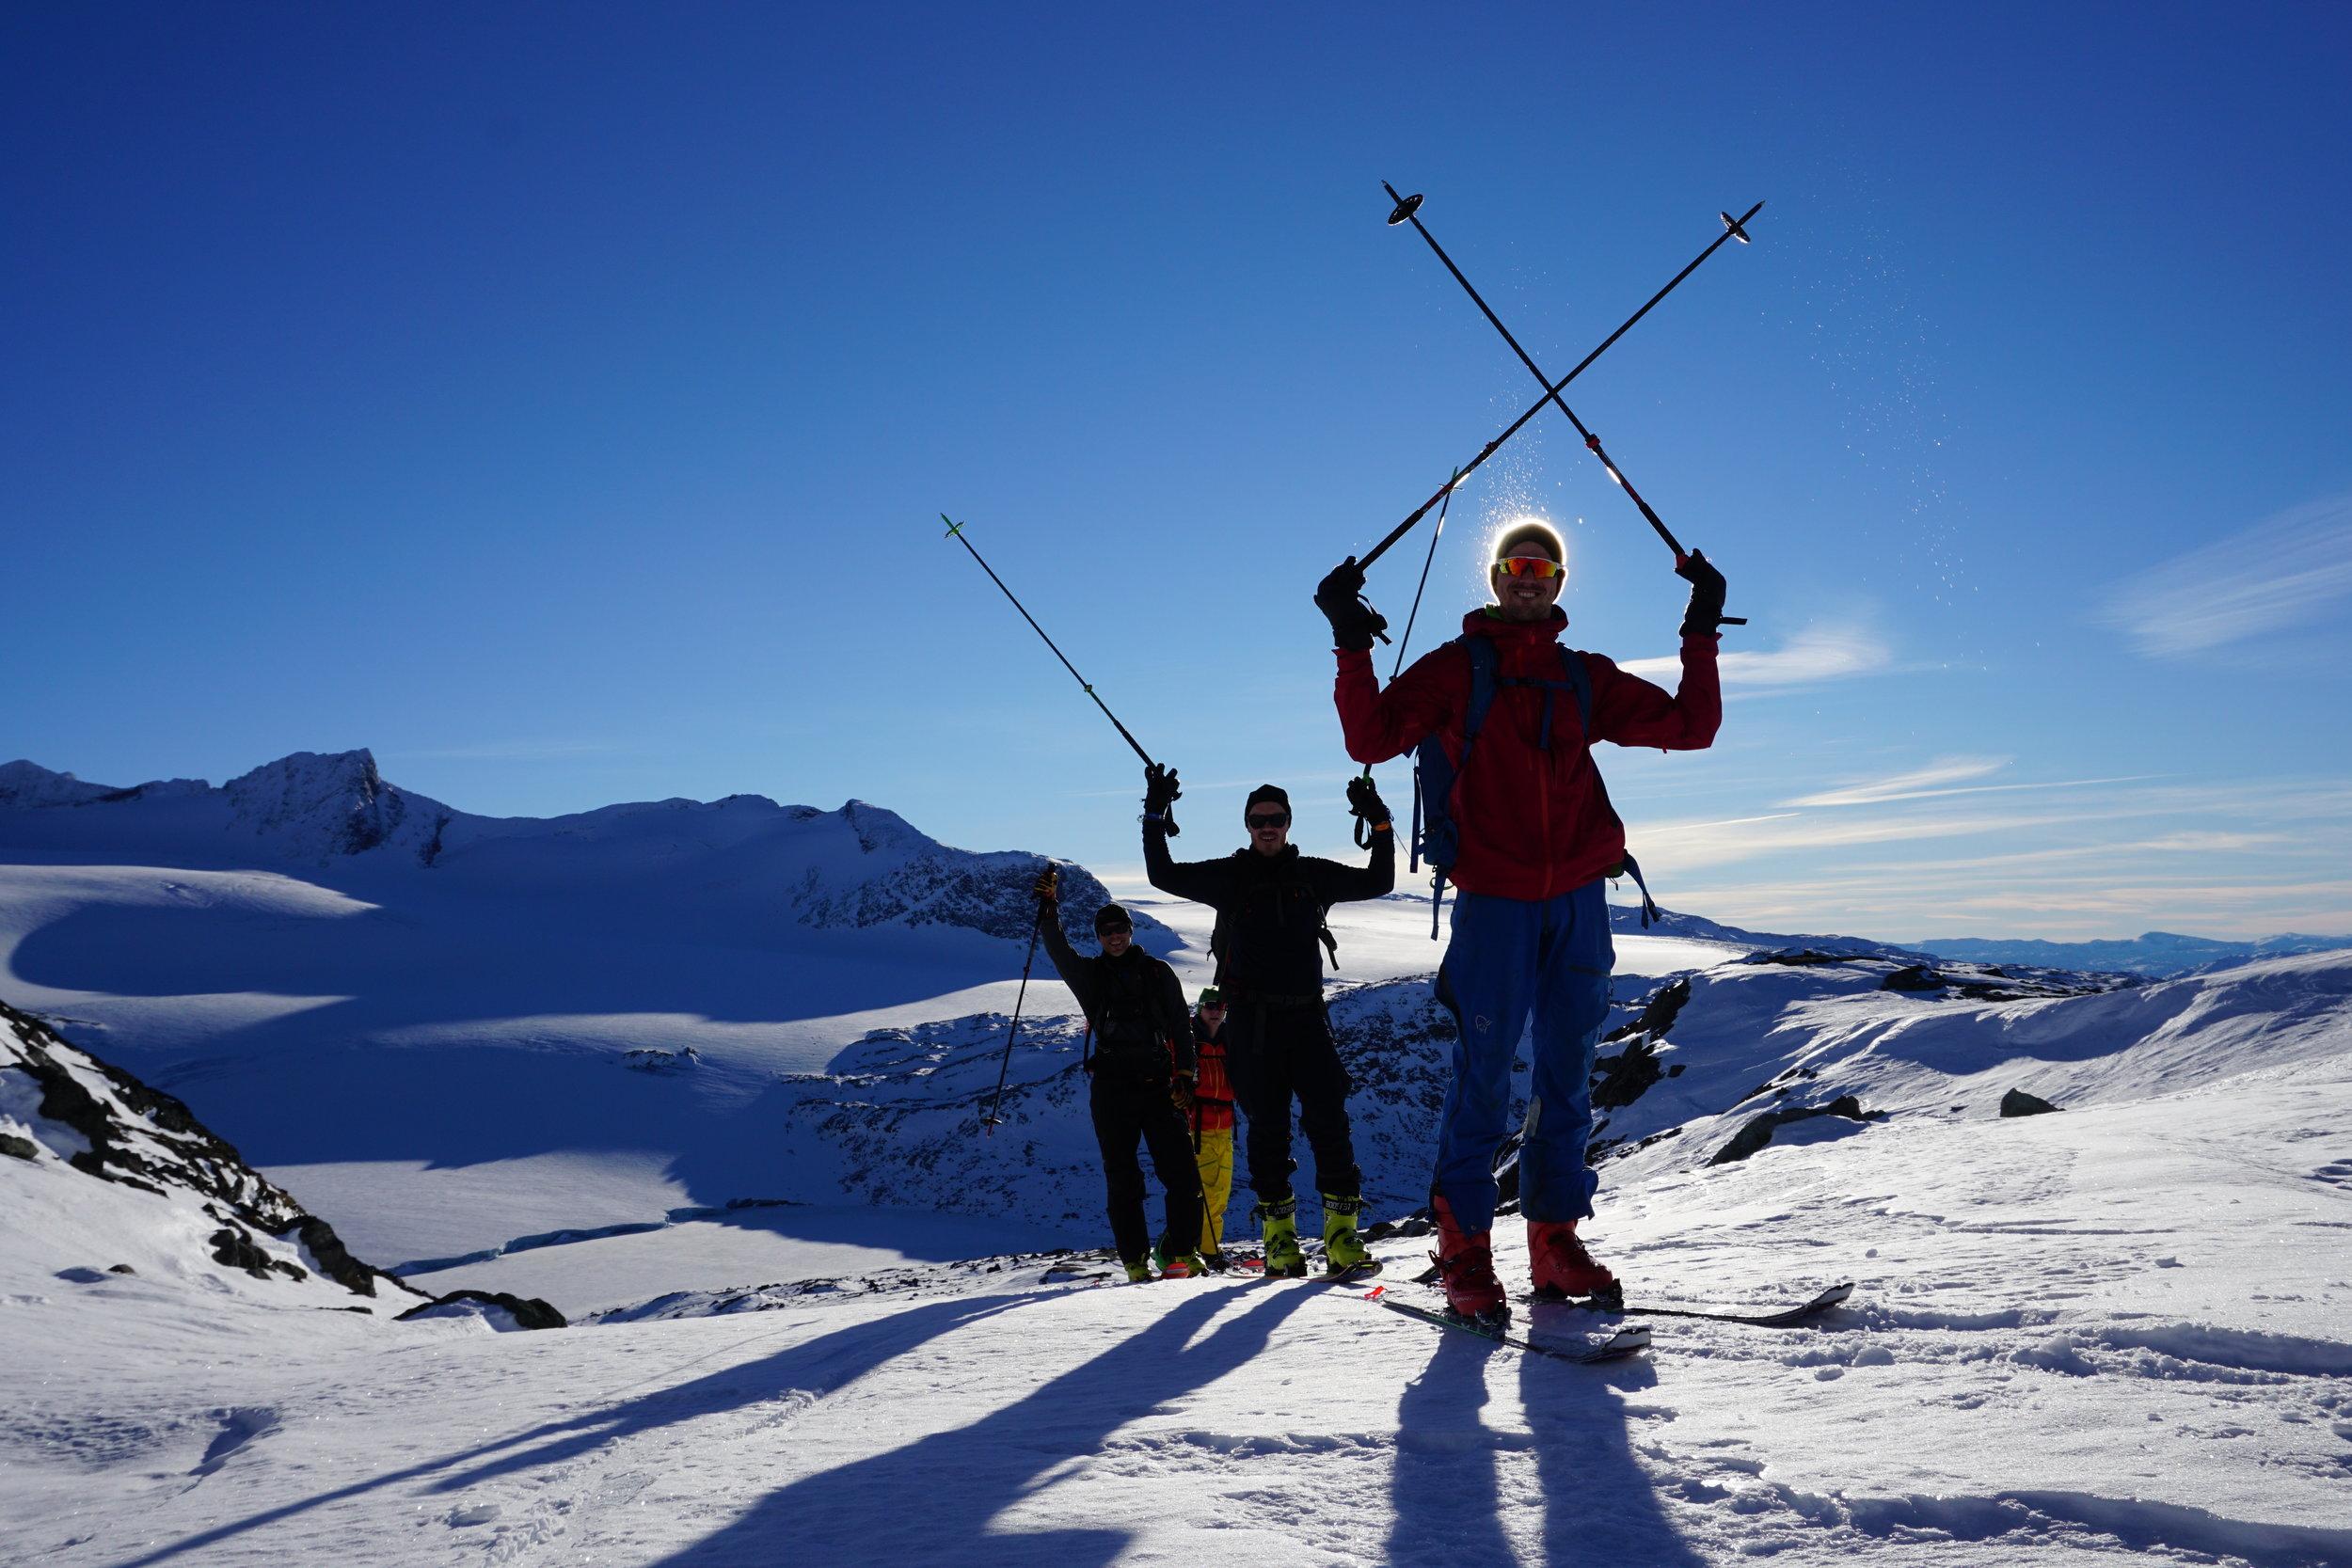 SMELLVAKKERT OG SMELTANDE. Held klimaendringane fram som no, vil 90 prosent av isbreane i Norge vere smelta bort om 80 år. Vårskituren på Sognefjellet er snart raudelista.